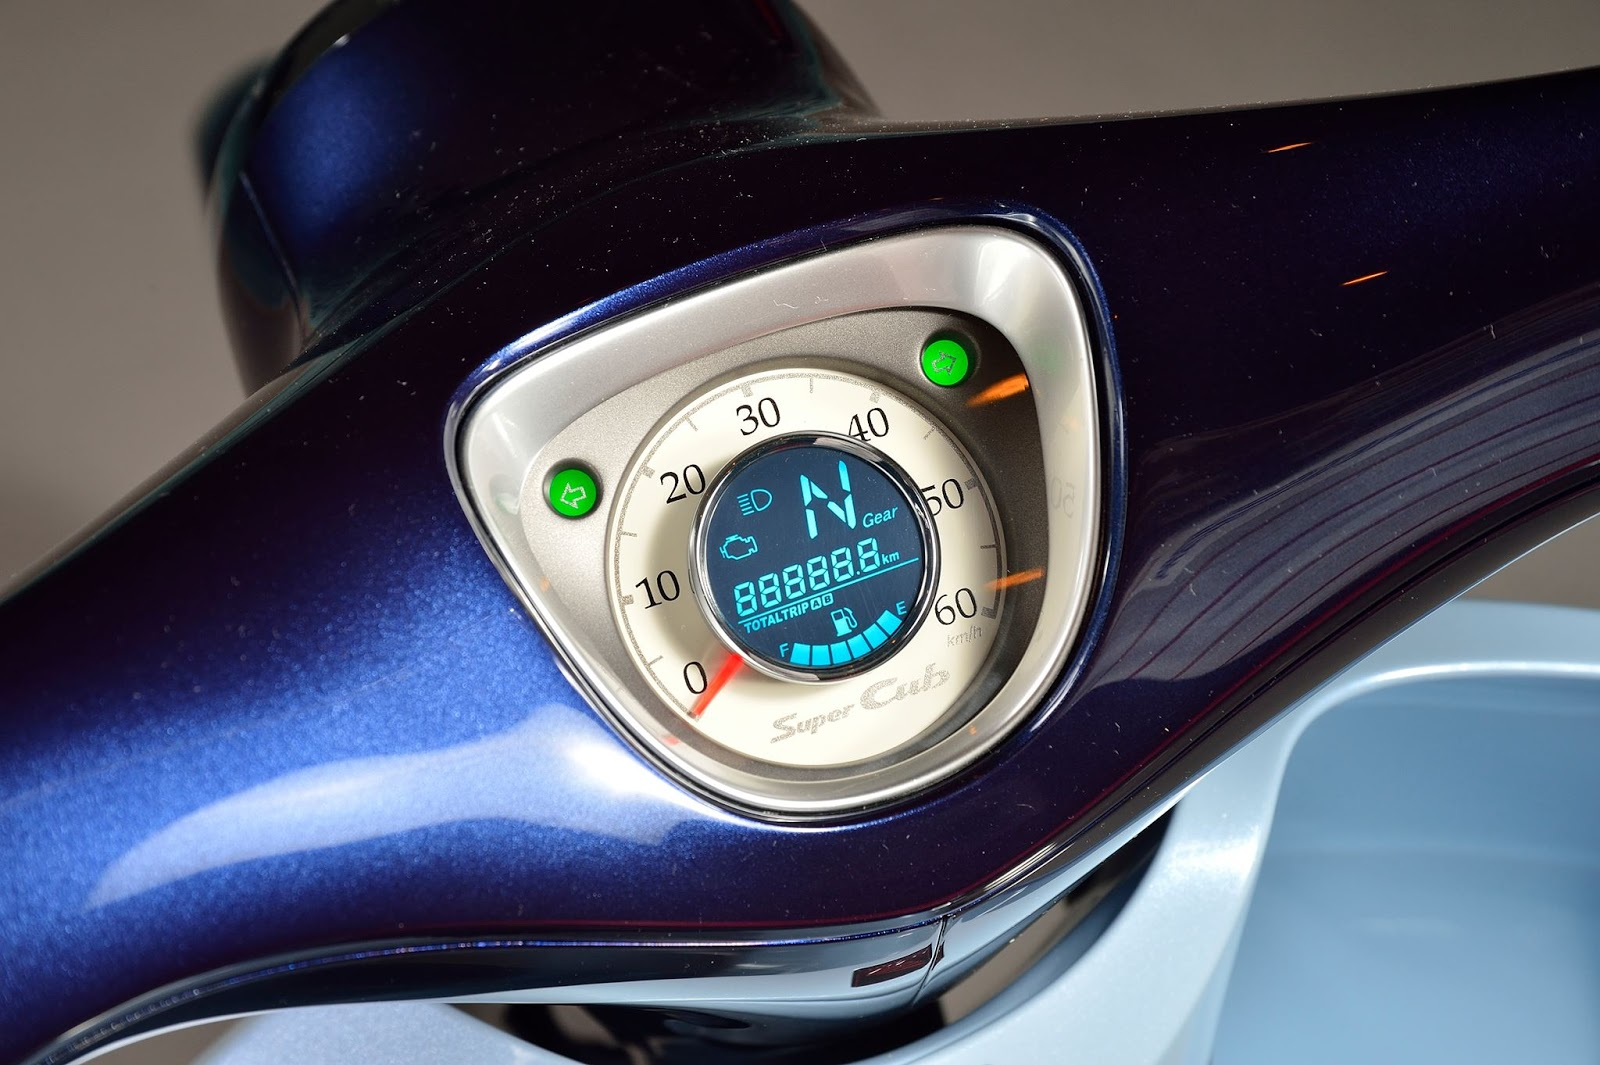 Honda Super Cub Concept 2015 03